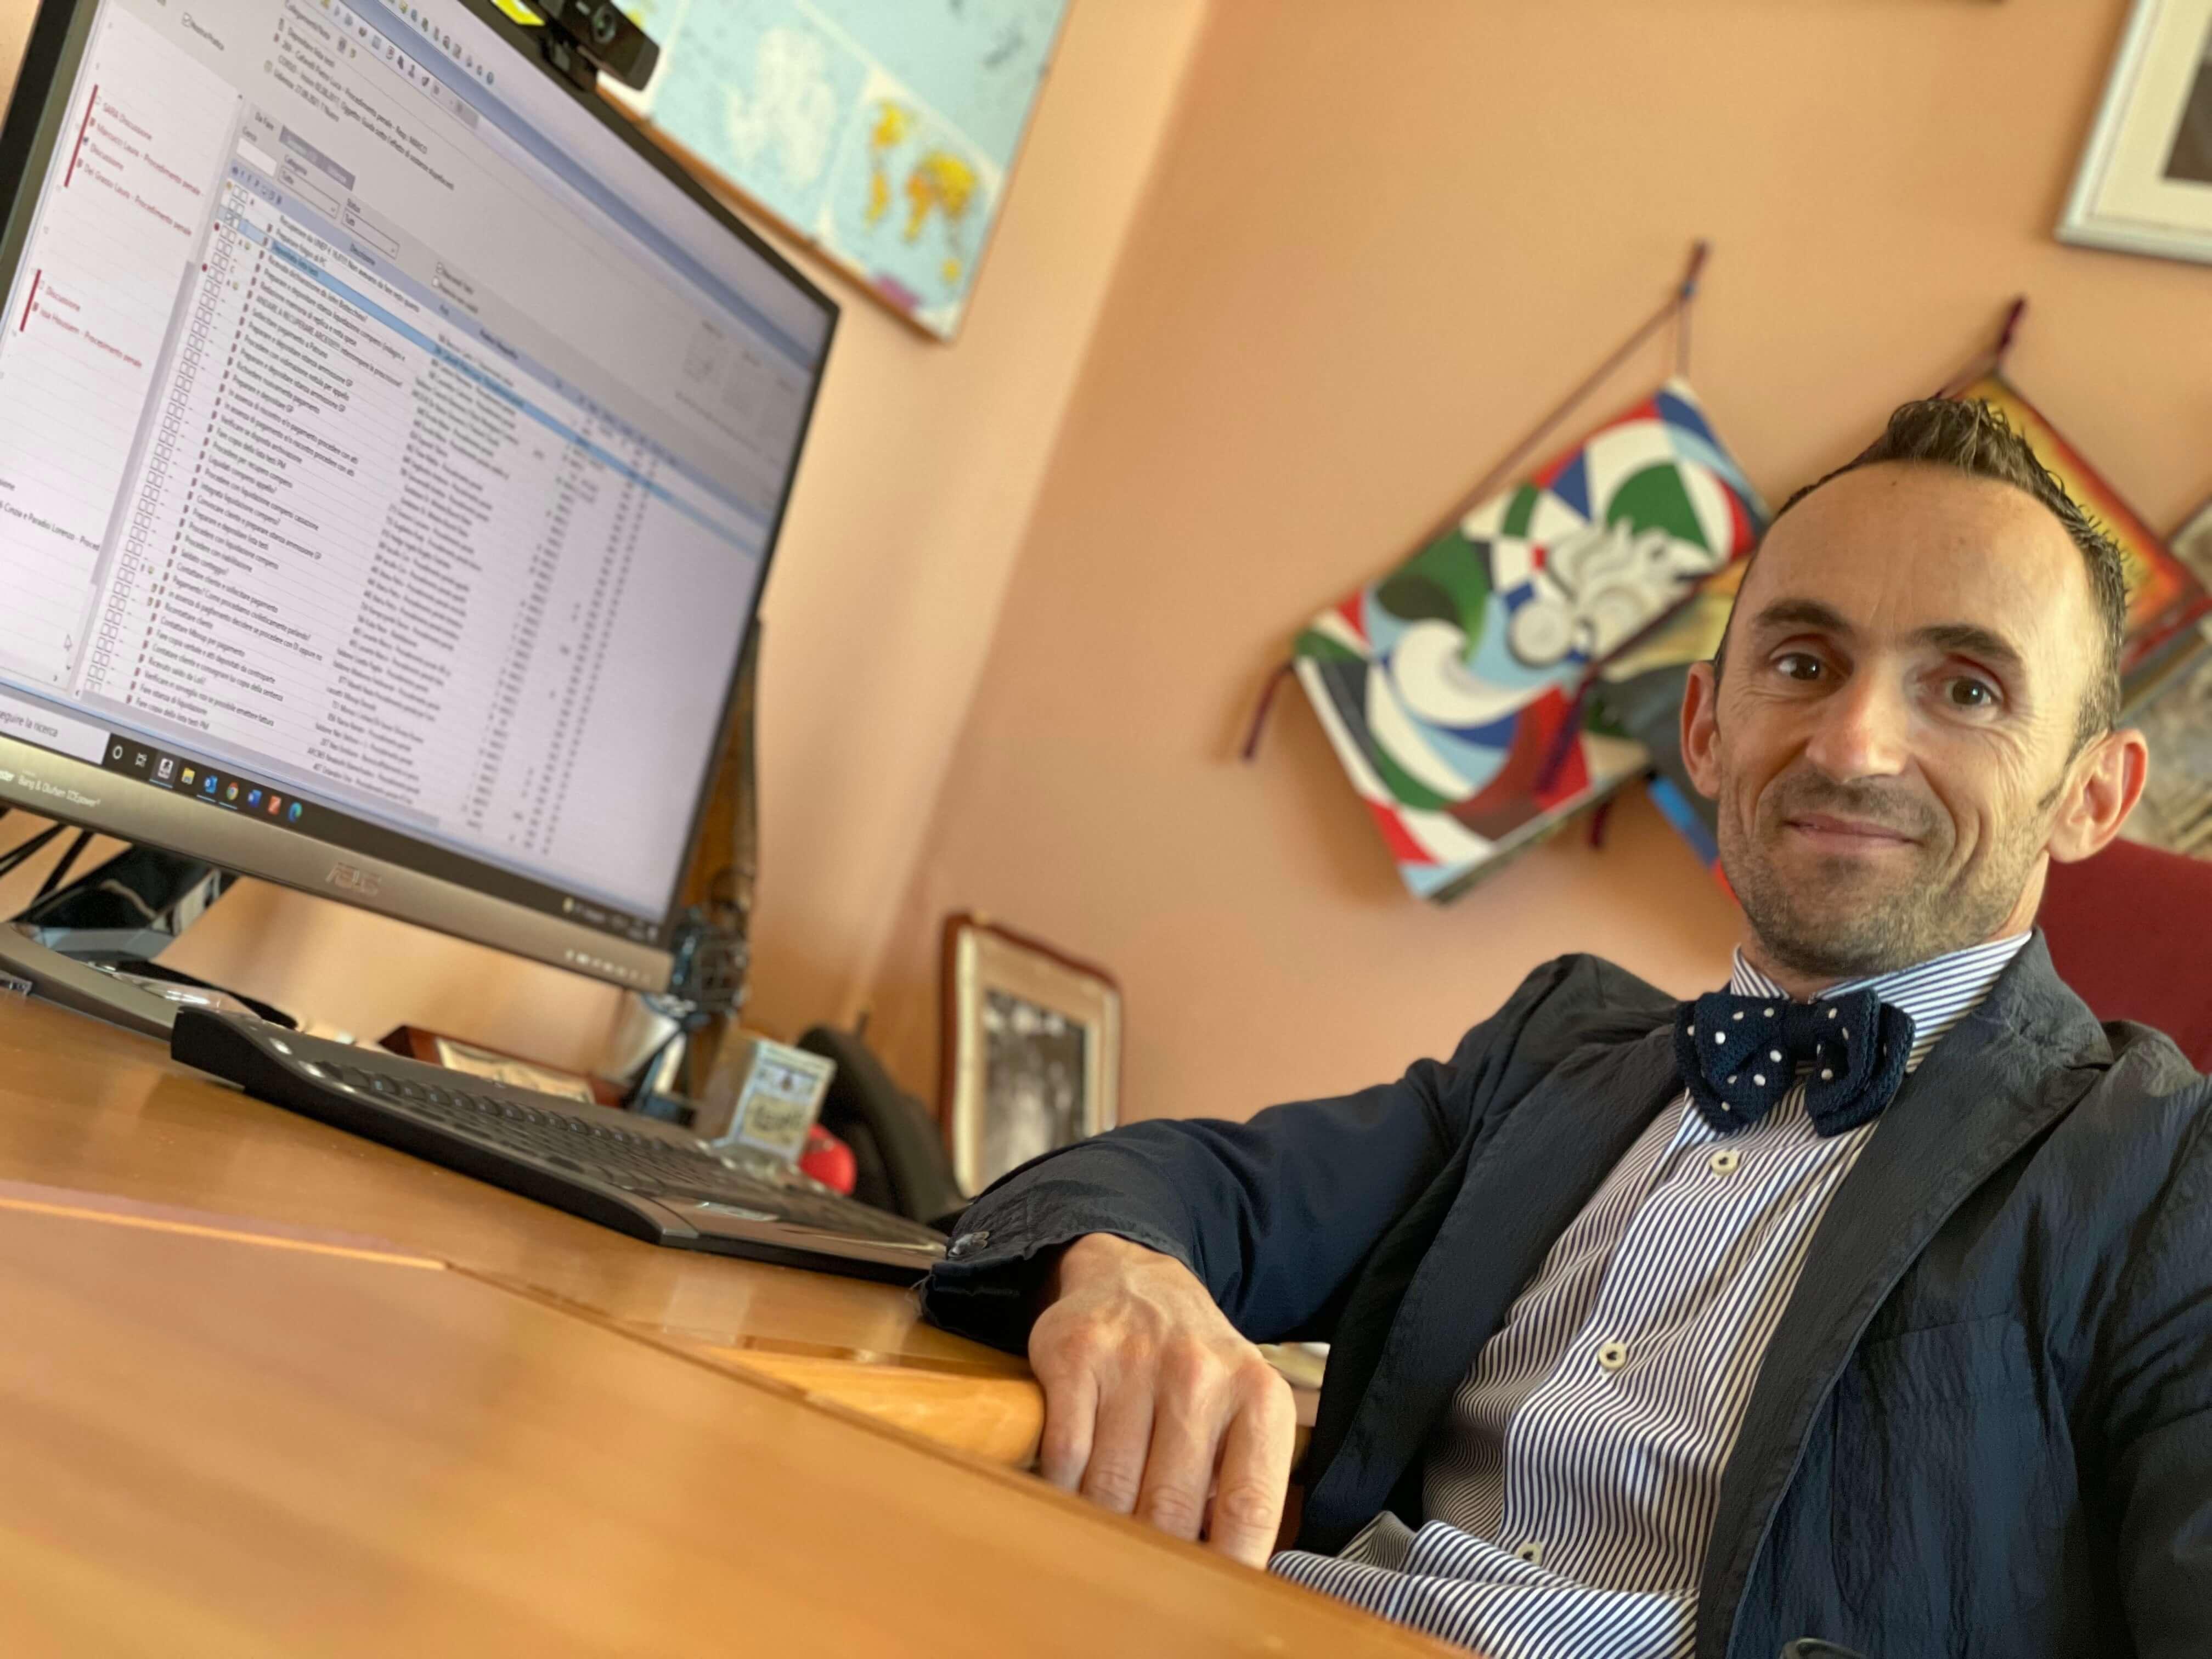 Marco De Stasio, Avvocato Penalista presso Studio Legale De Stasio - Follonica, Grosseto